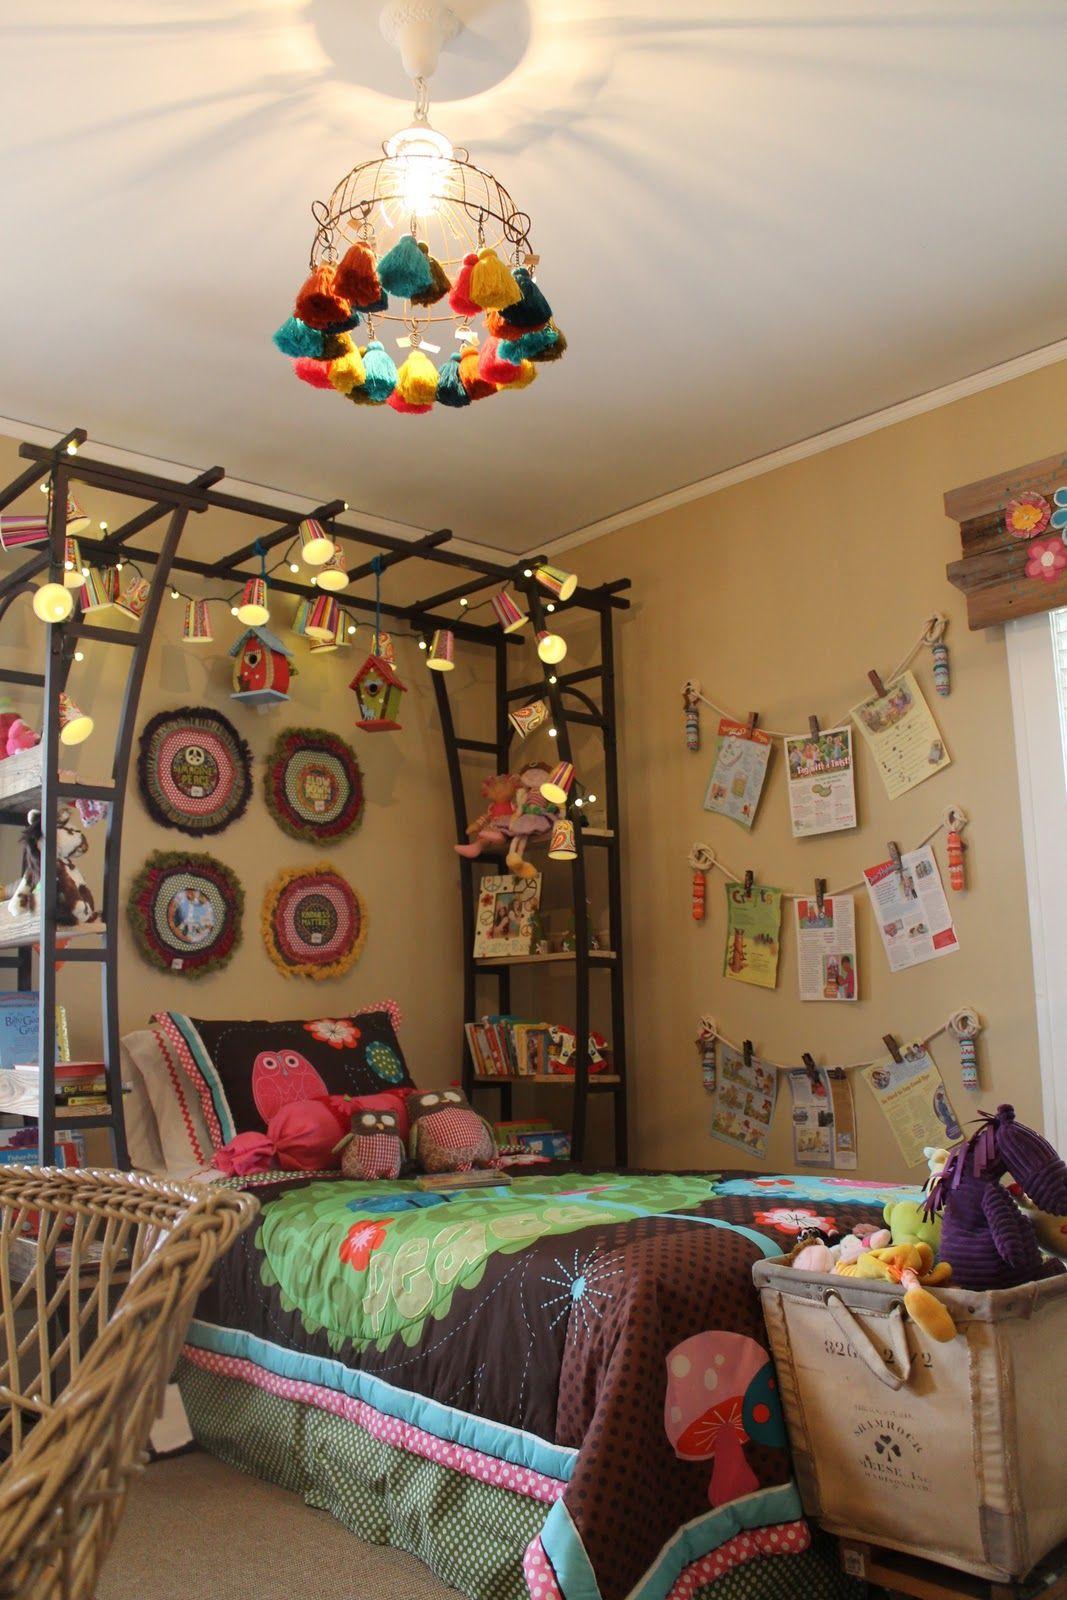 Fun Ideas to Make My Teen\'s Room Cool | Pinterest | Kleine wohnung ...